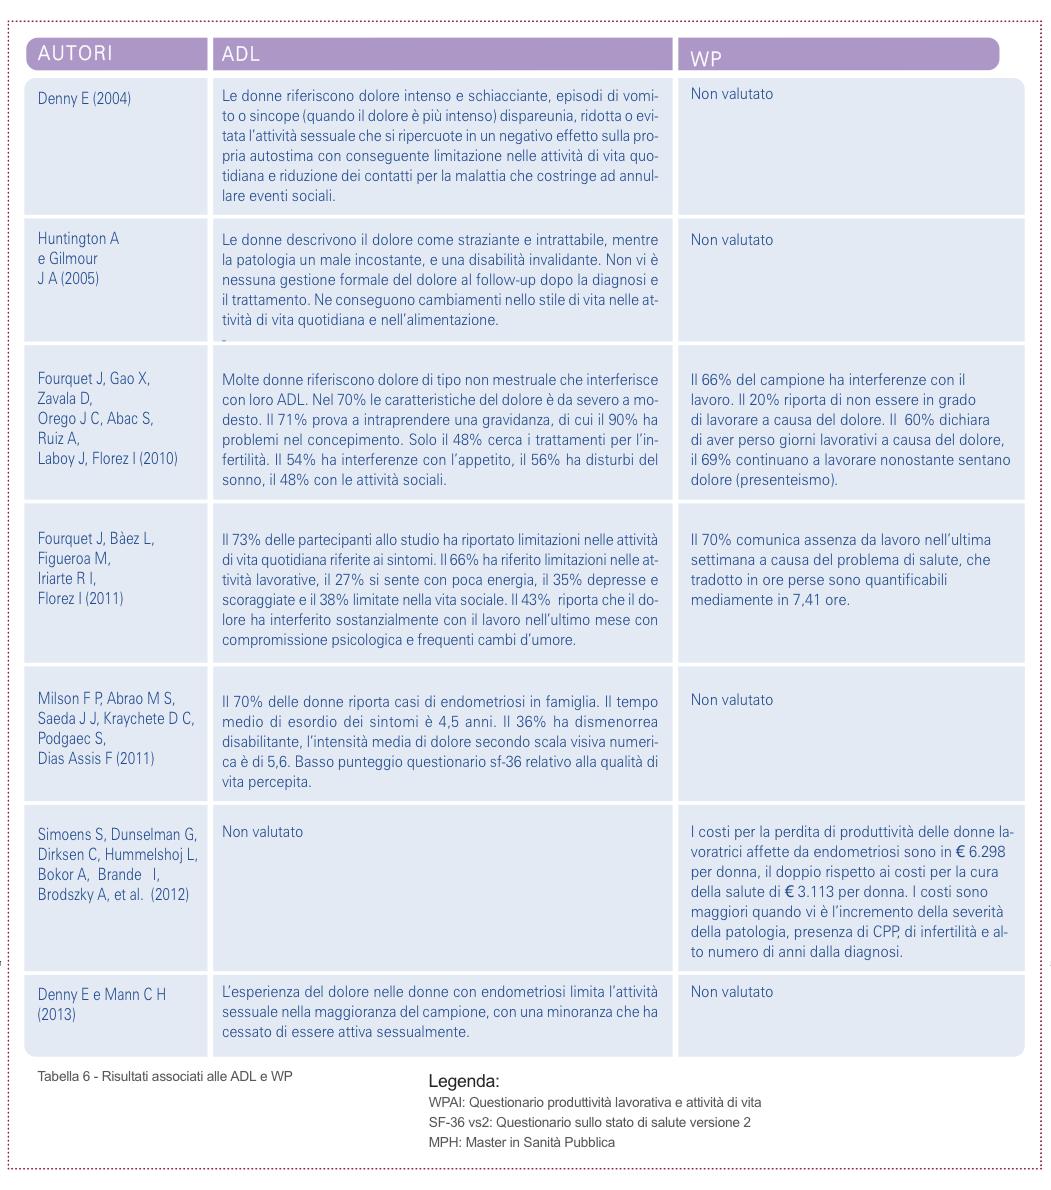 Tabella 6 - Risultati associati alle ADL e WP